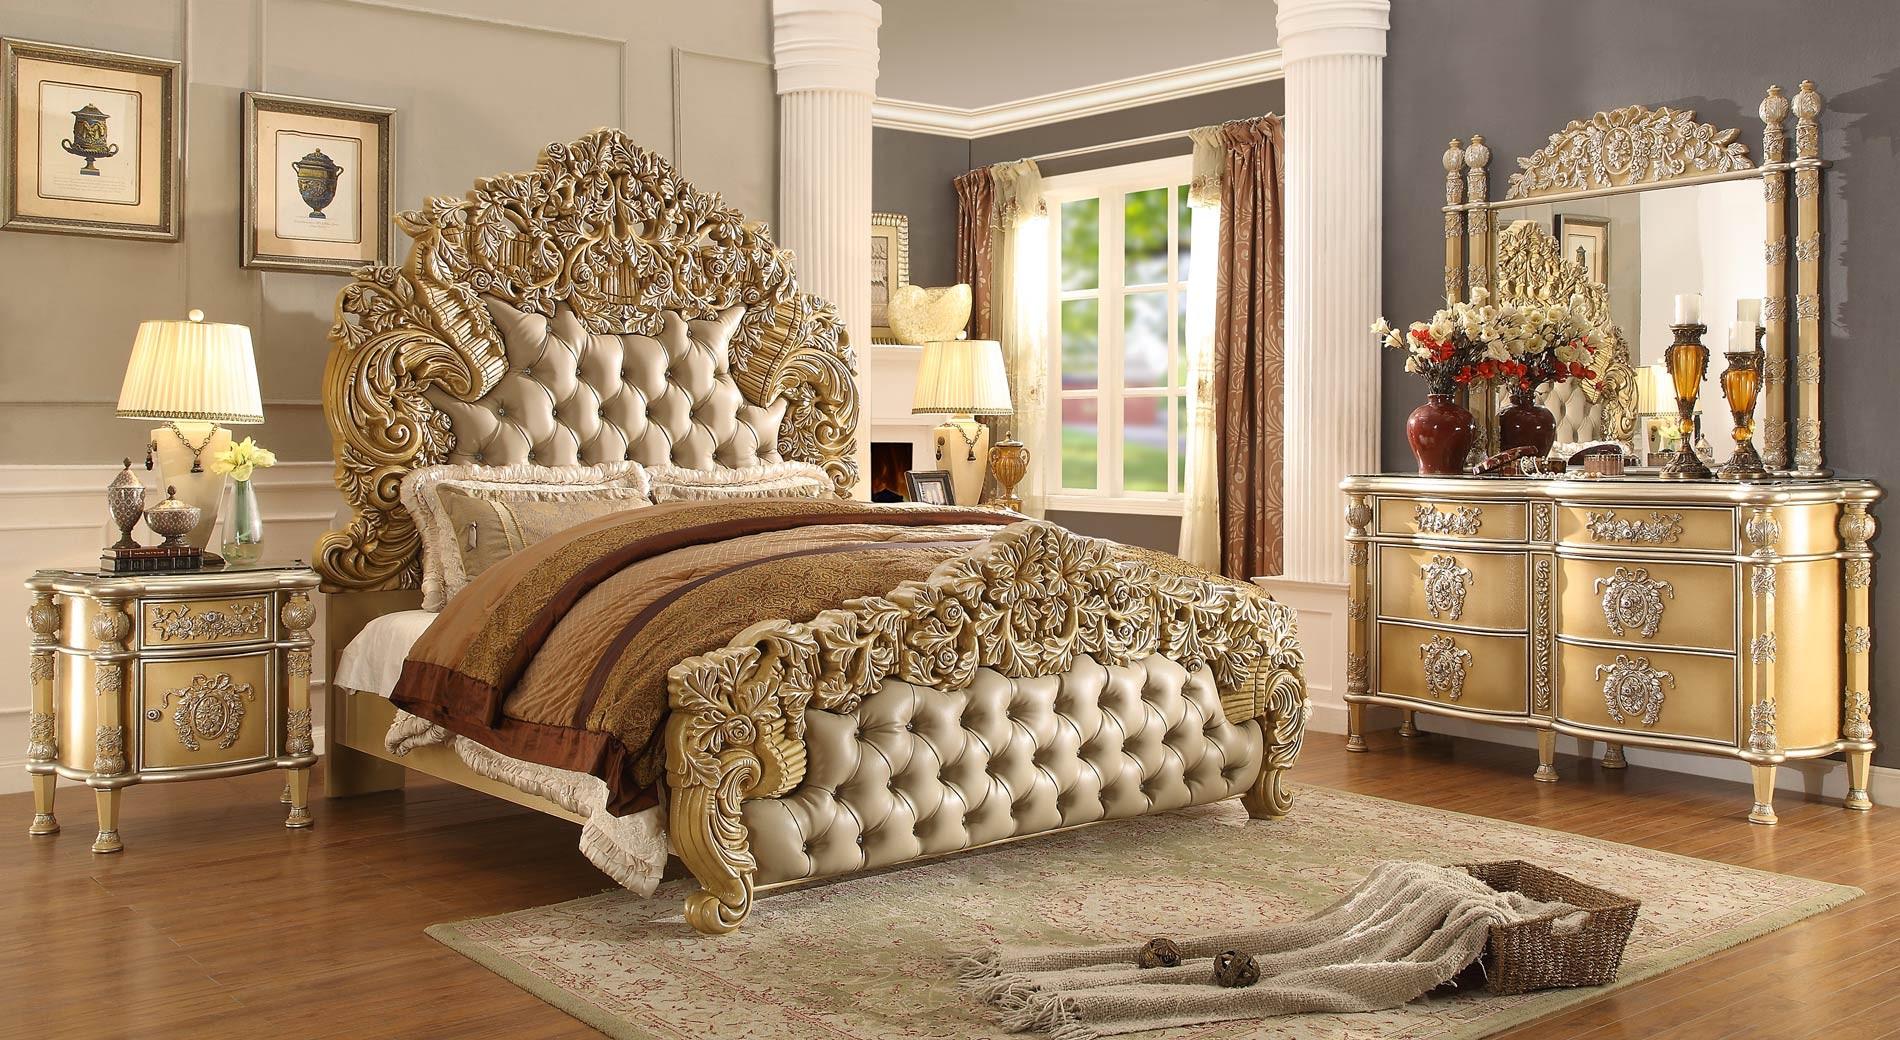 used-furniture-buyer-in-dubai